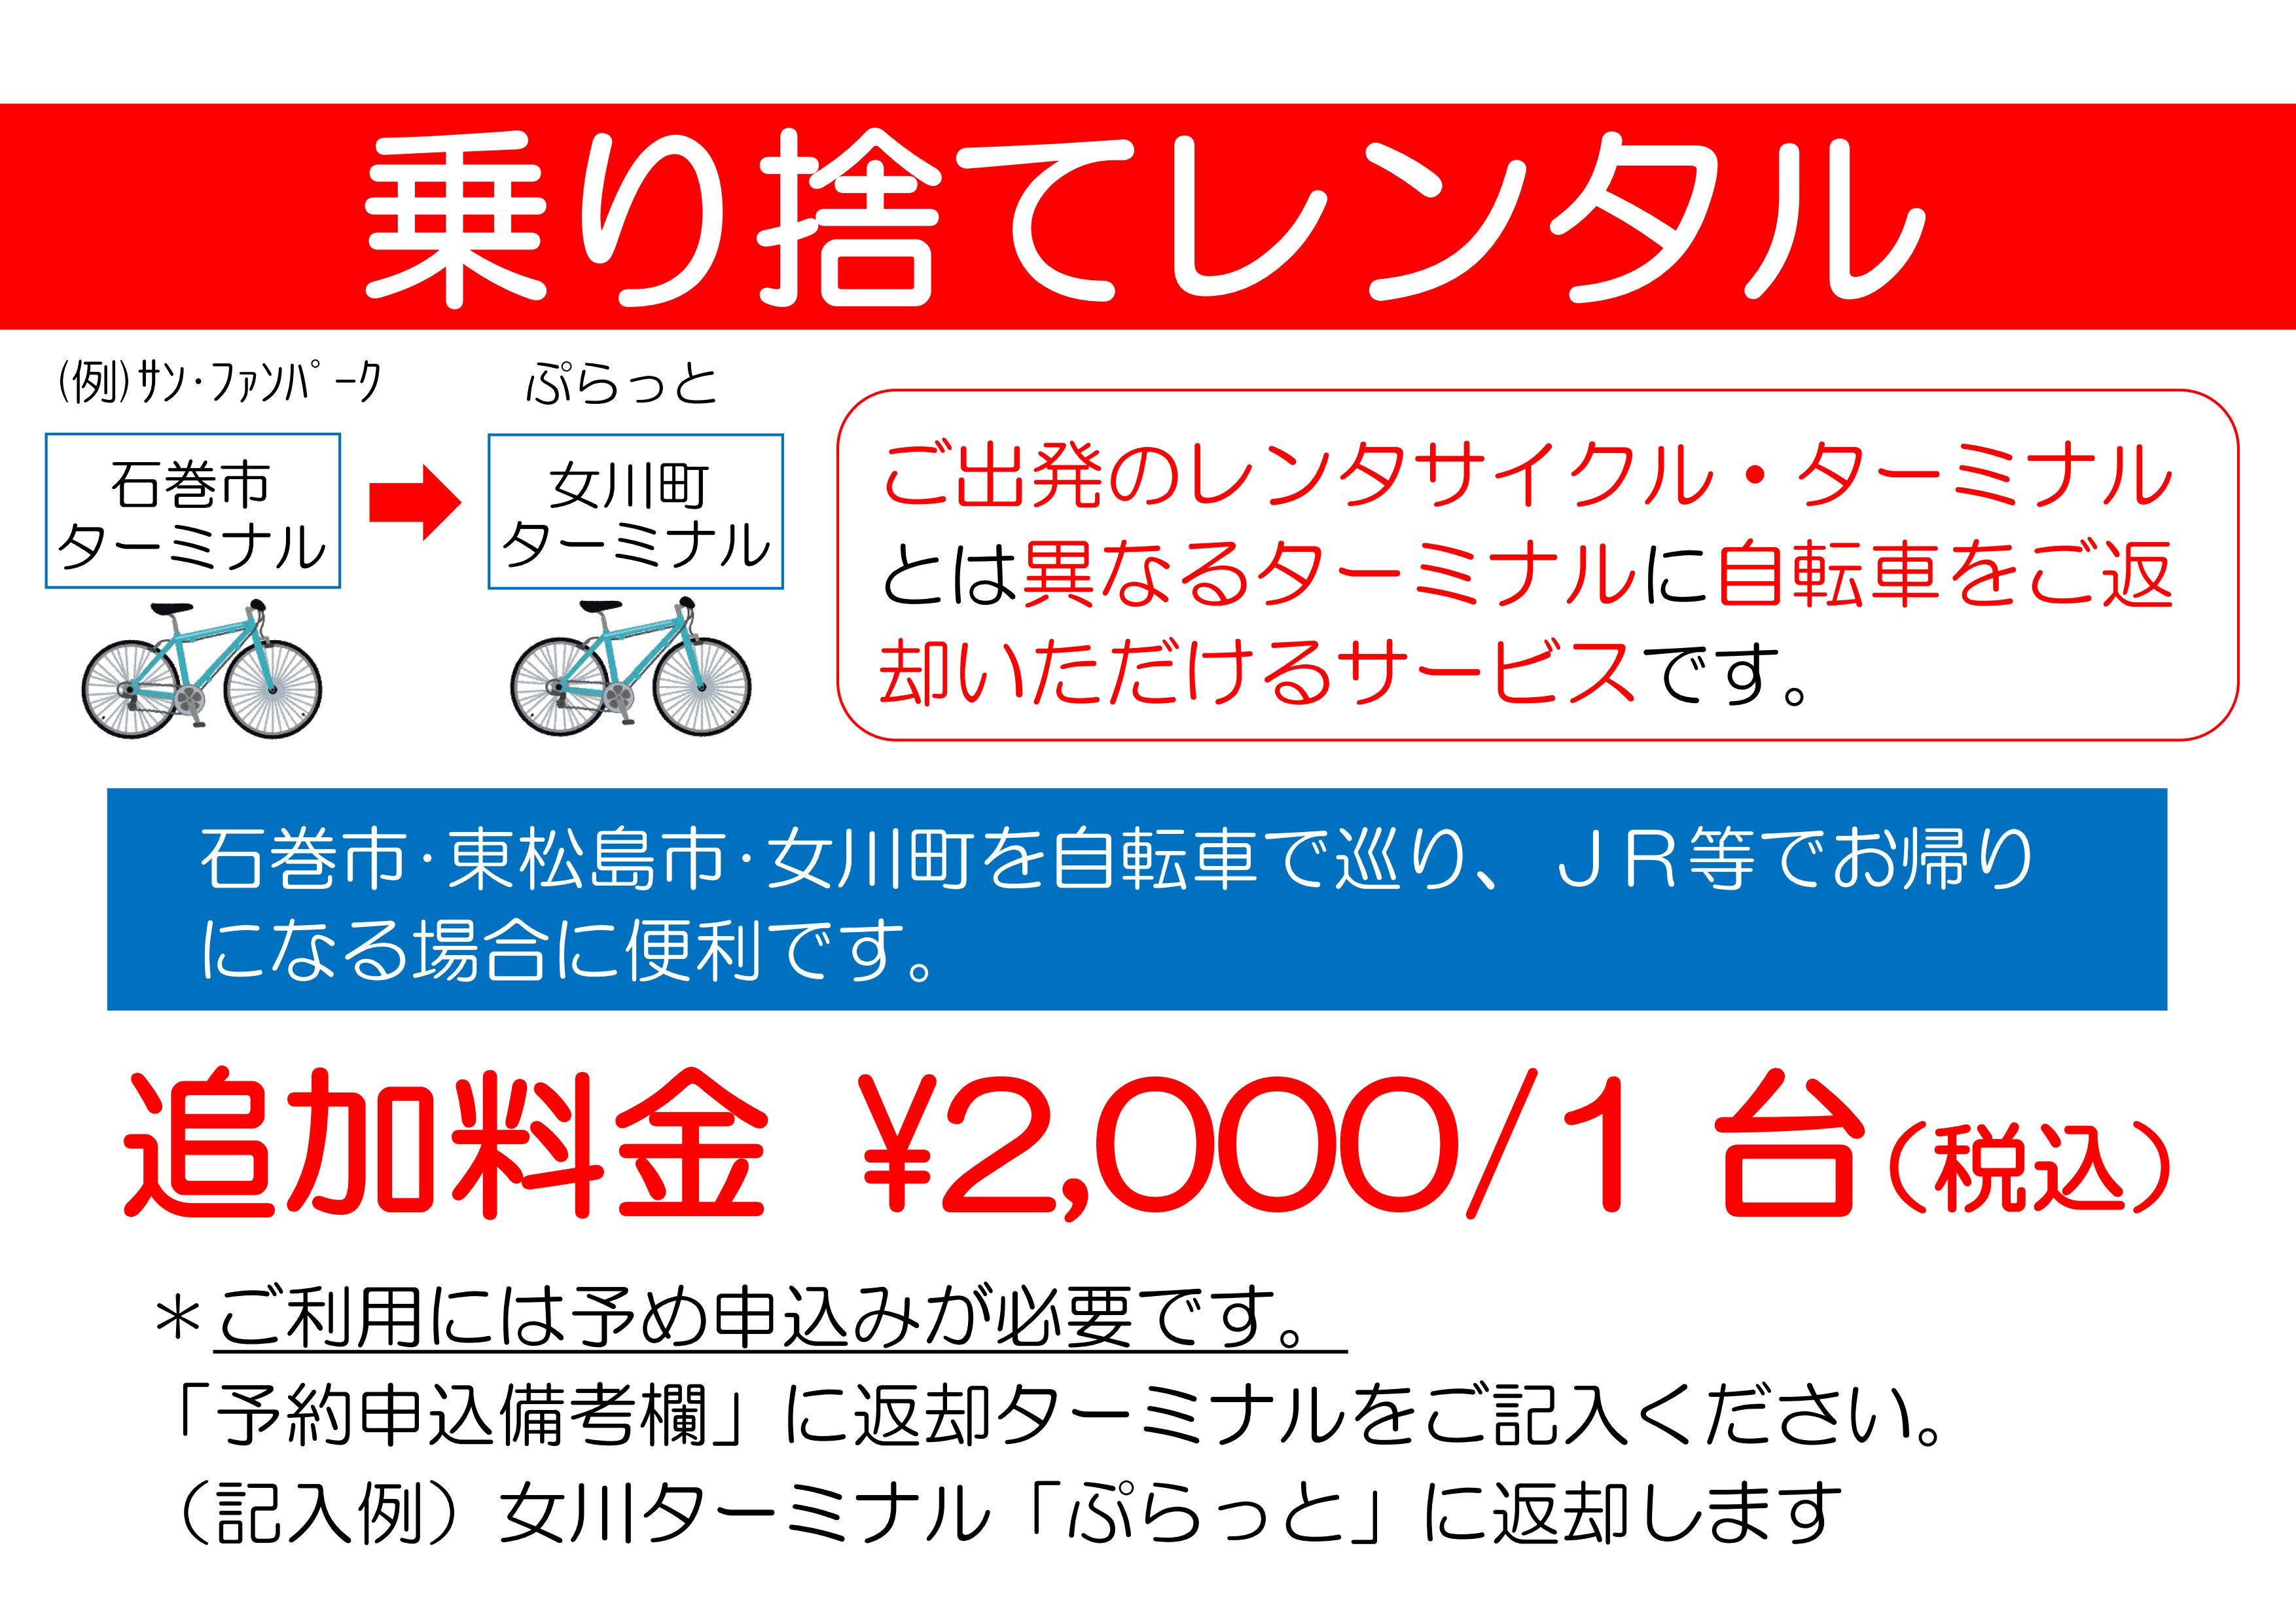 【東松島市】あおみな 一般XSタイプ 1日1台限定【コース番号:80701】オータムキャンペーン特典付き